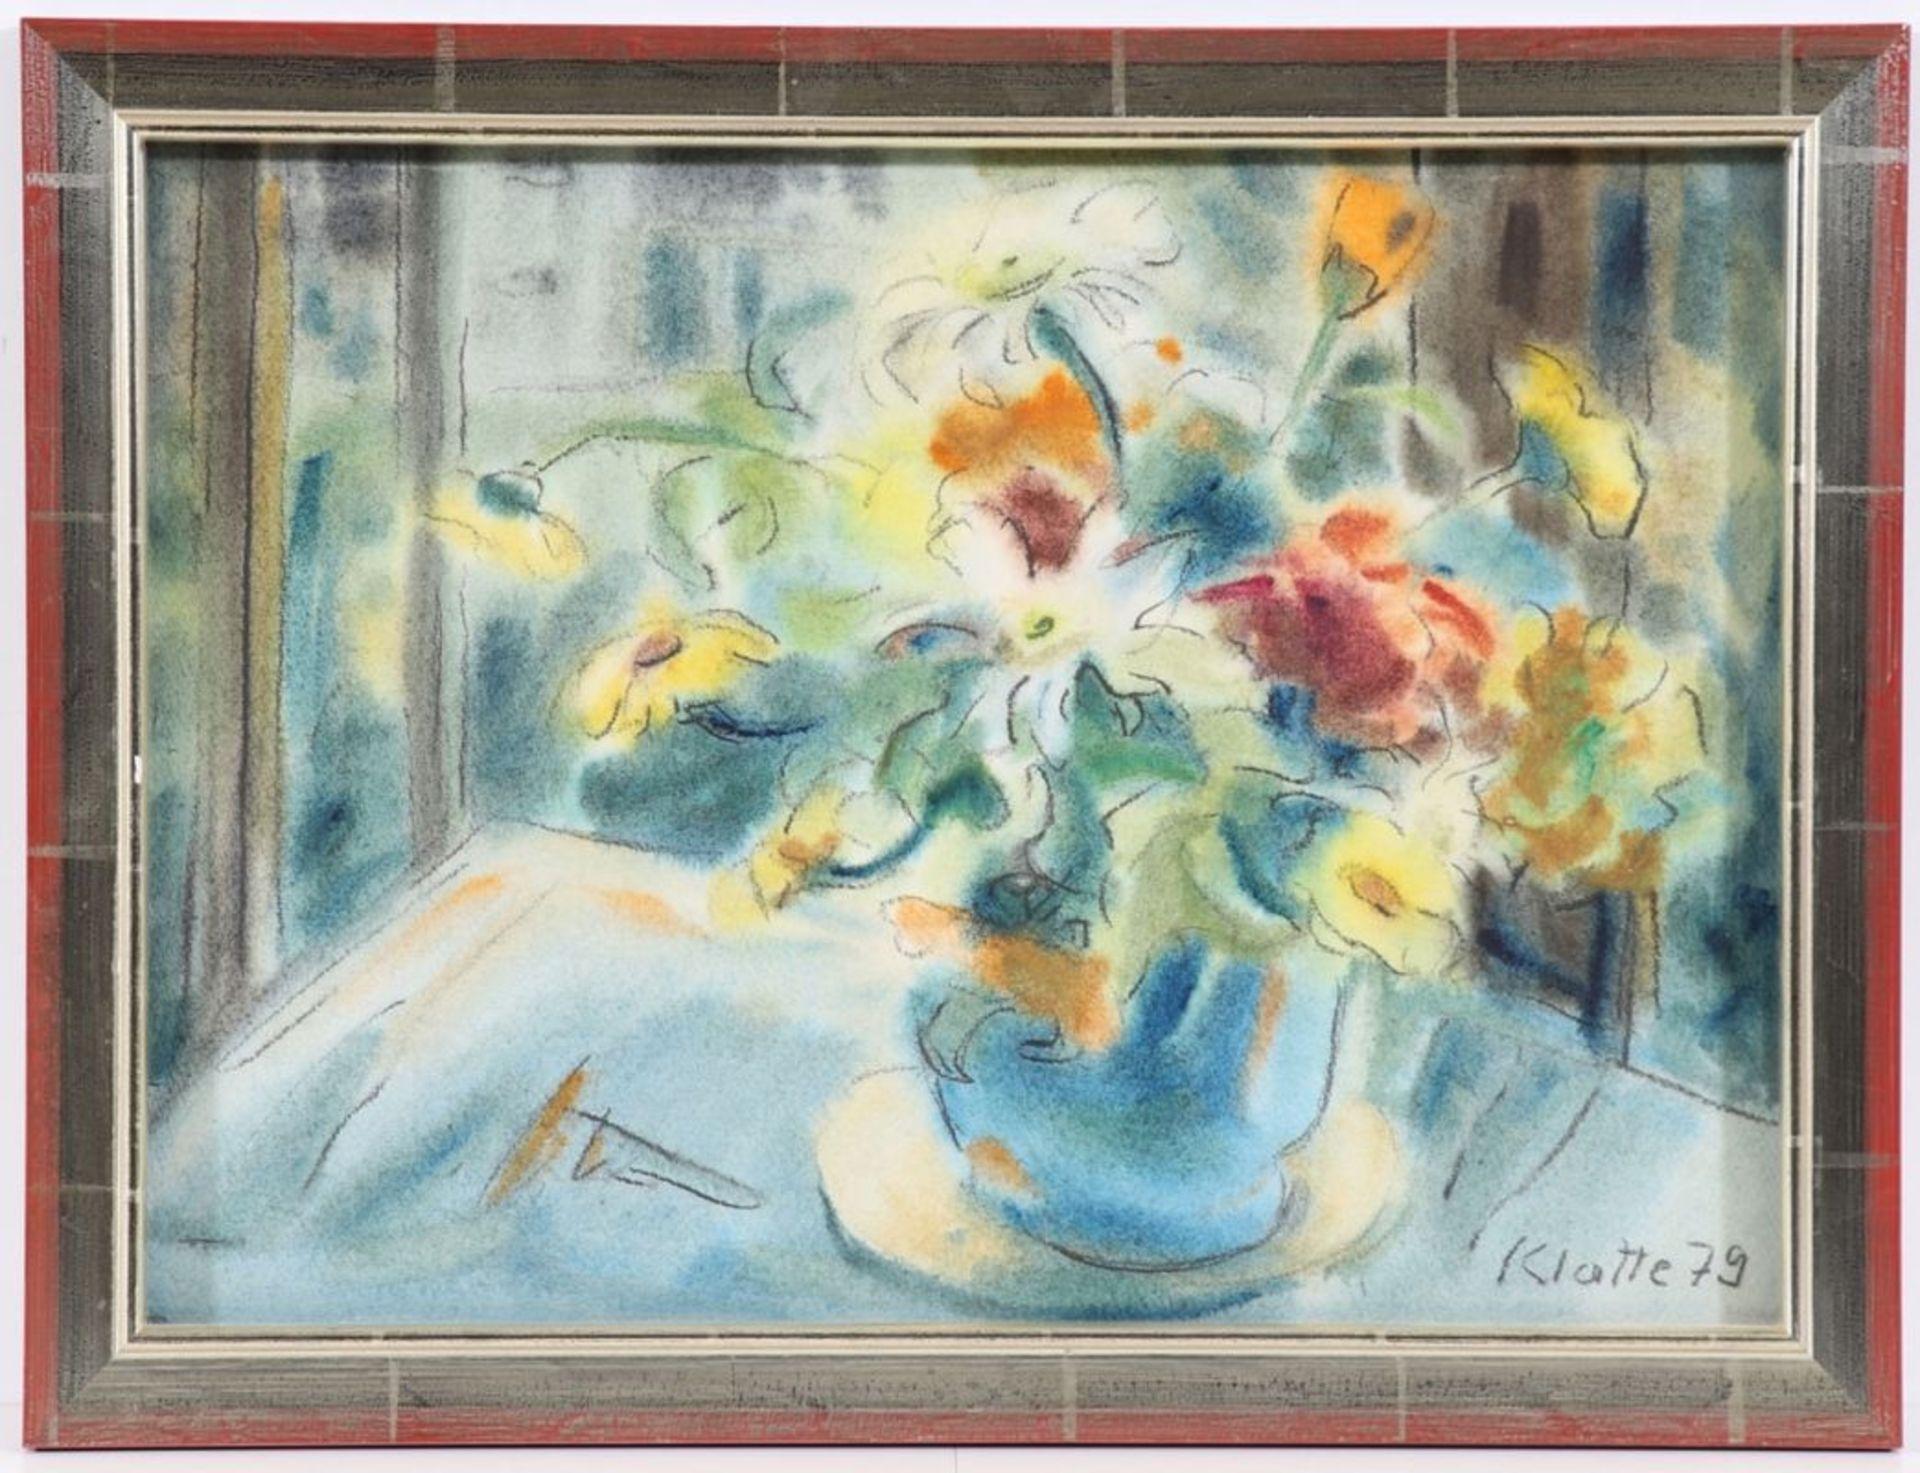 Ruth Klatte - Bild 2 aus 2